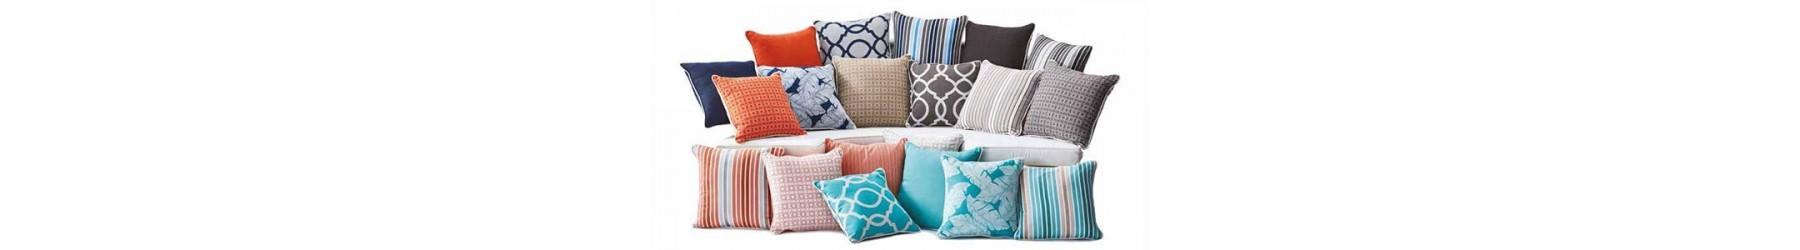 Διακοσμητικά μαξιλάρια για να τον καναπέ και την πολυθρόνα.